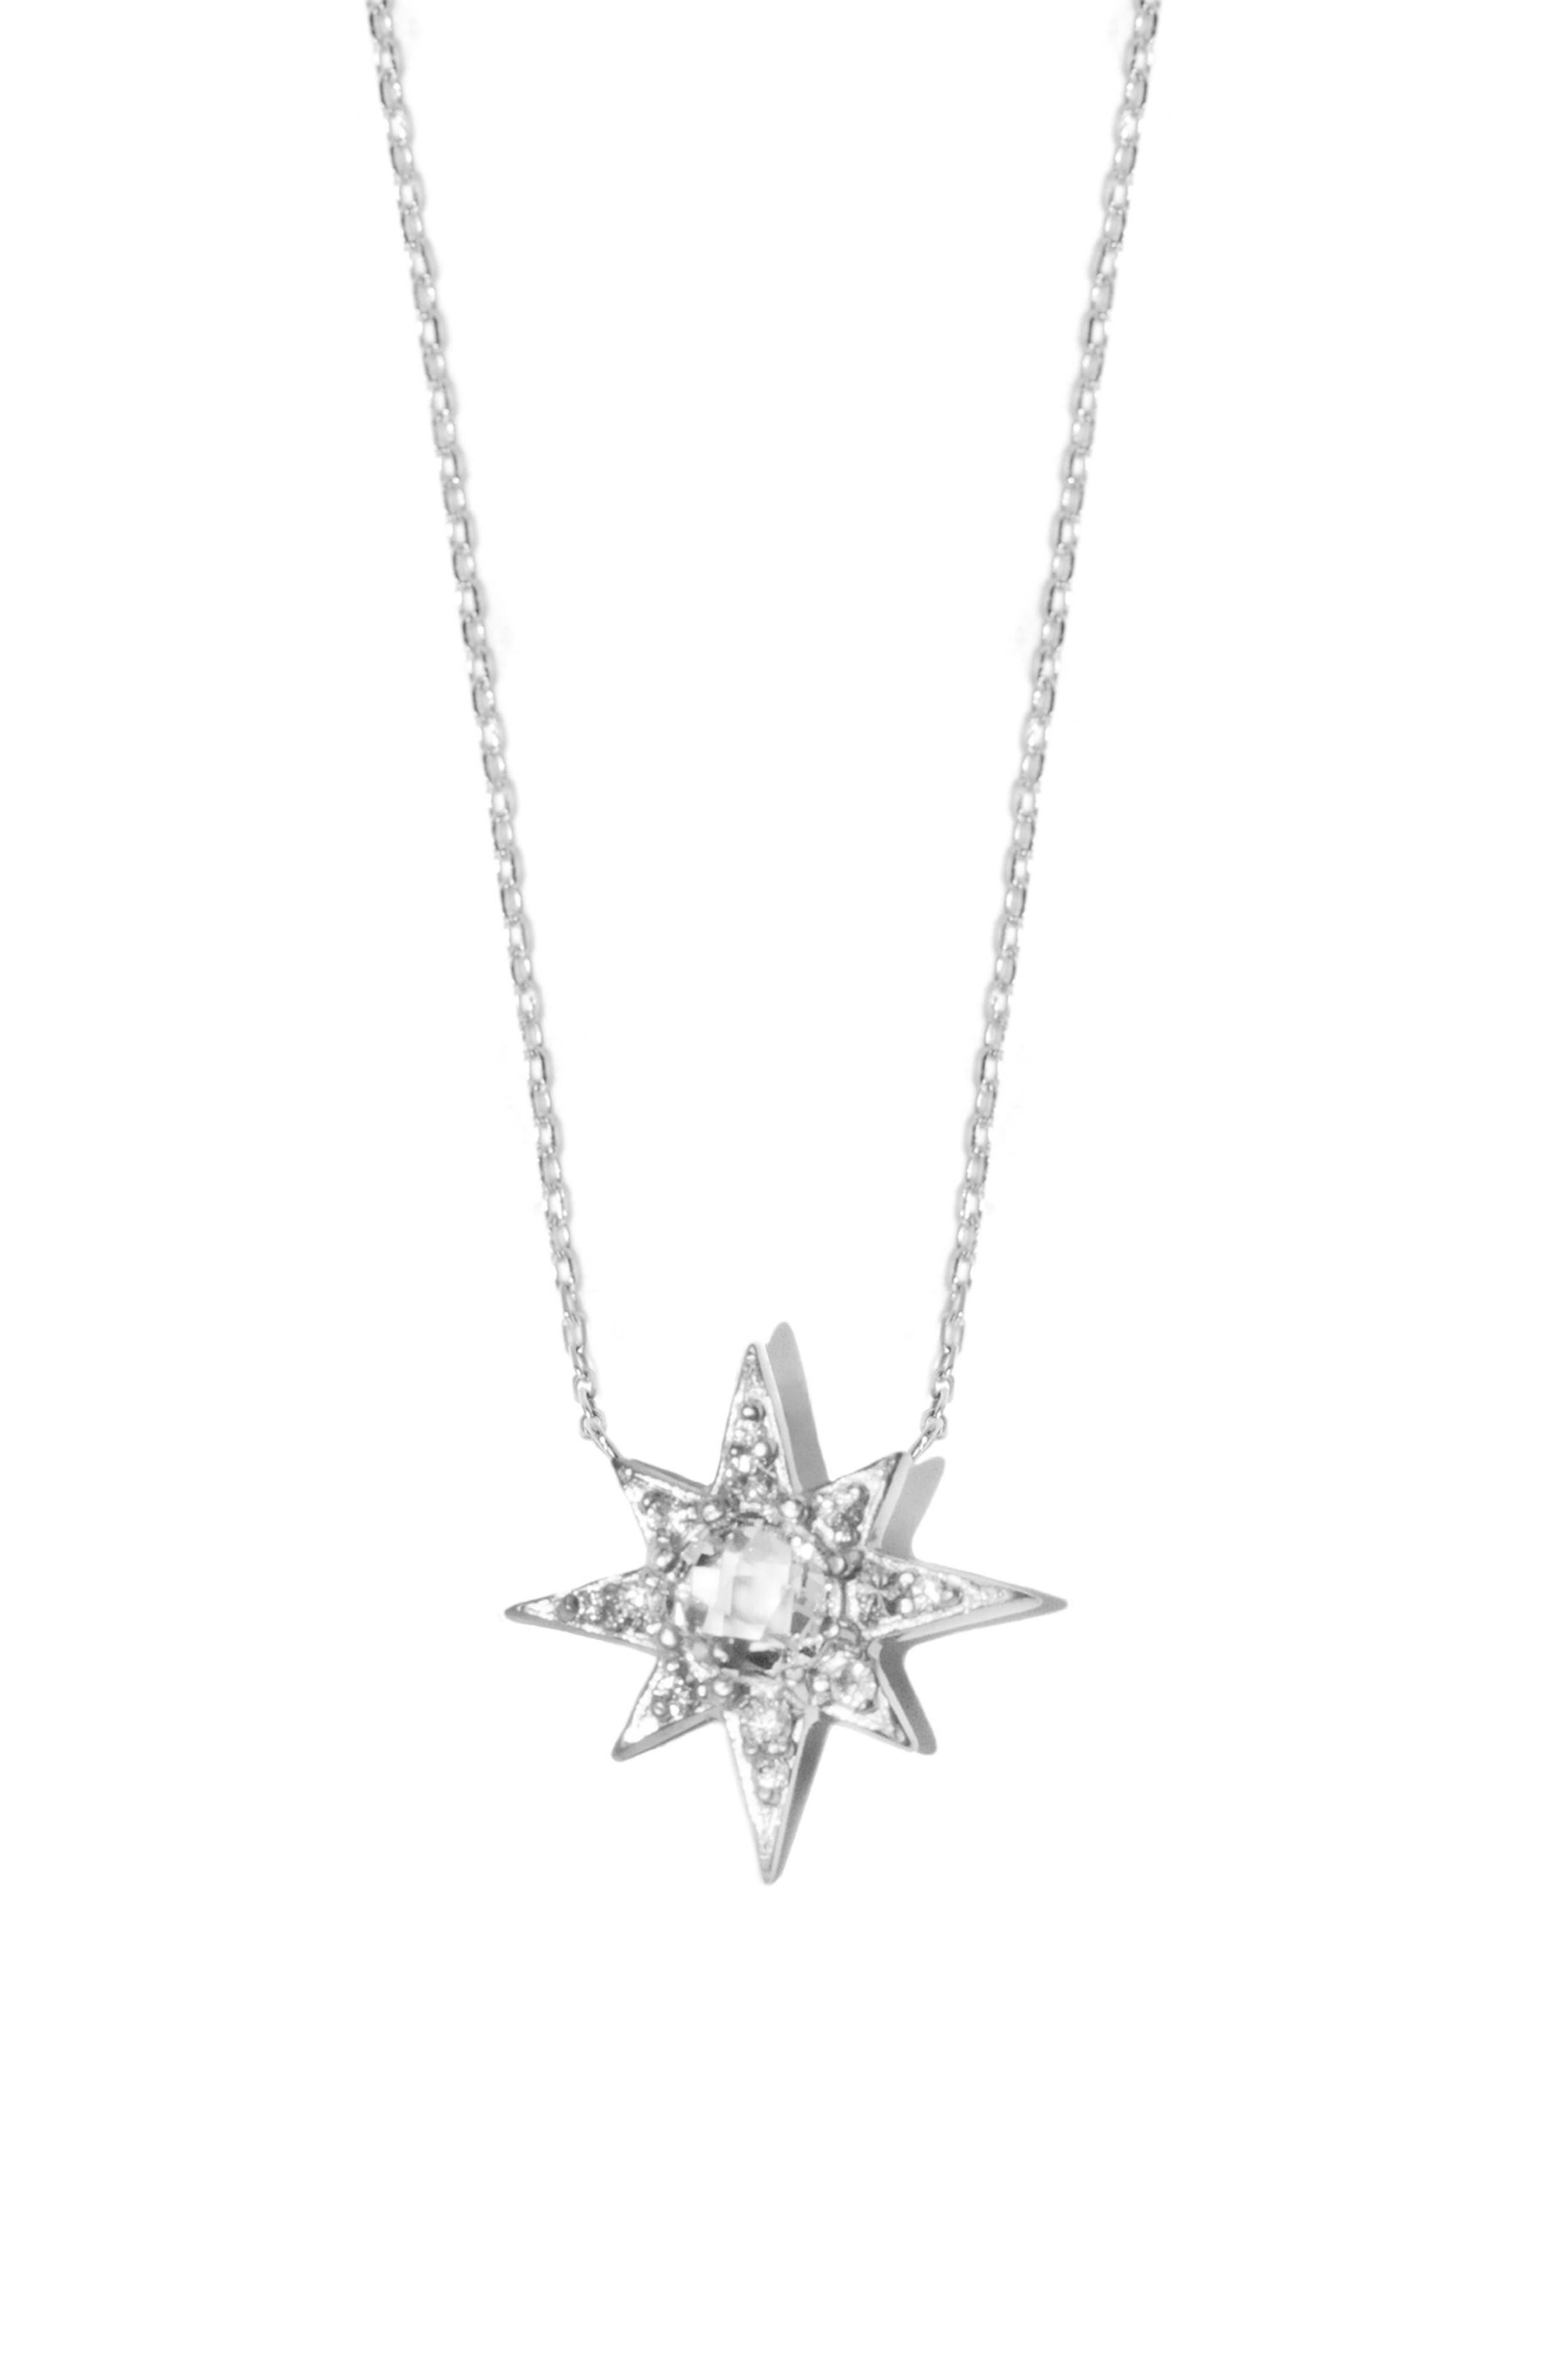 Aztec Sunburst White Topaz Sapphire Pendant Necklace,                             Main thumbnail 1, color,                             Silver